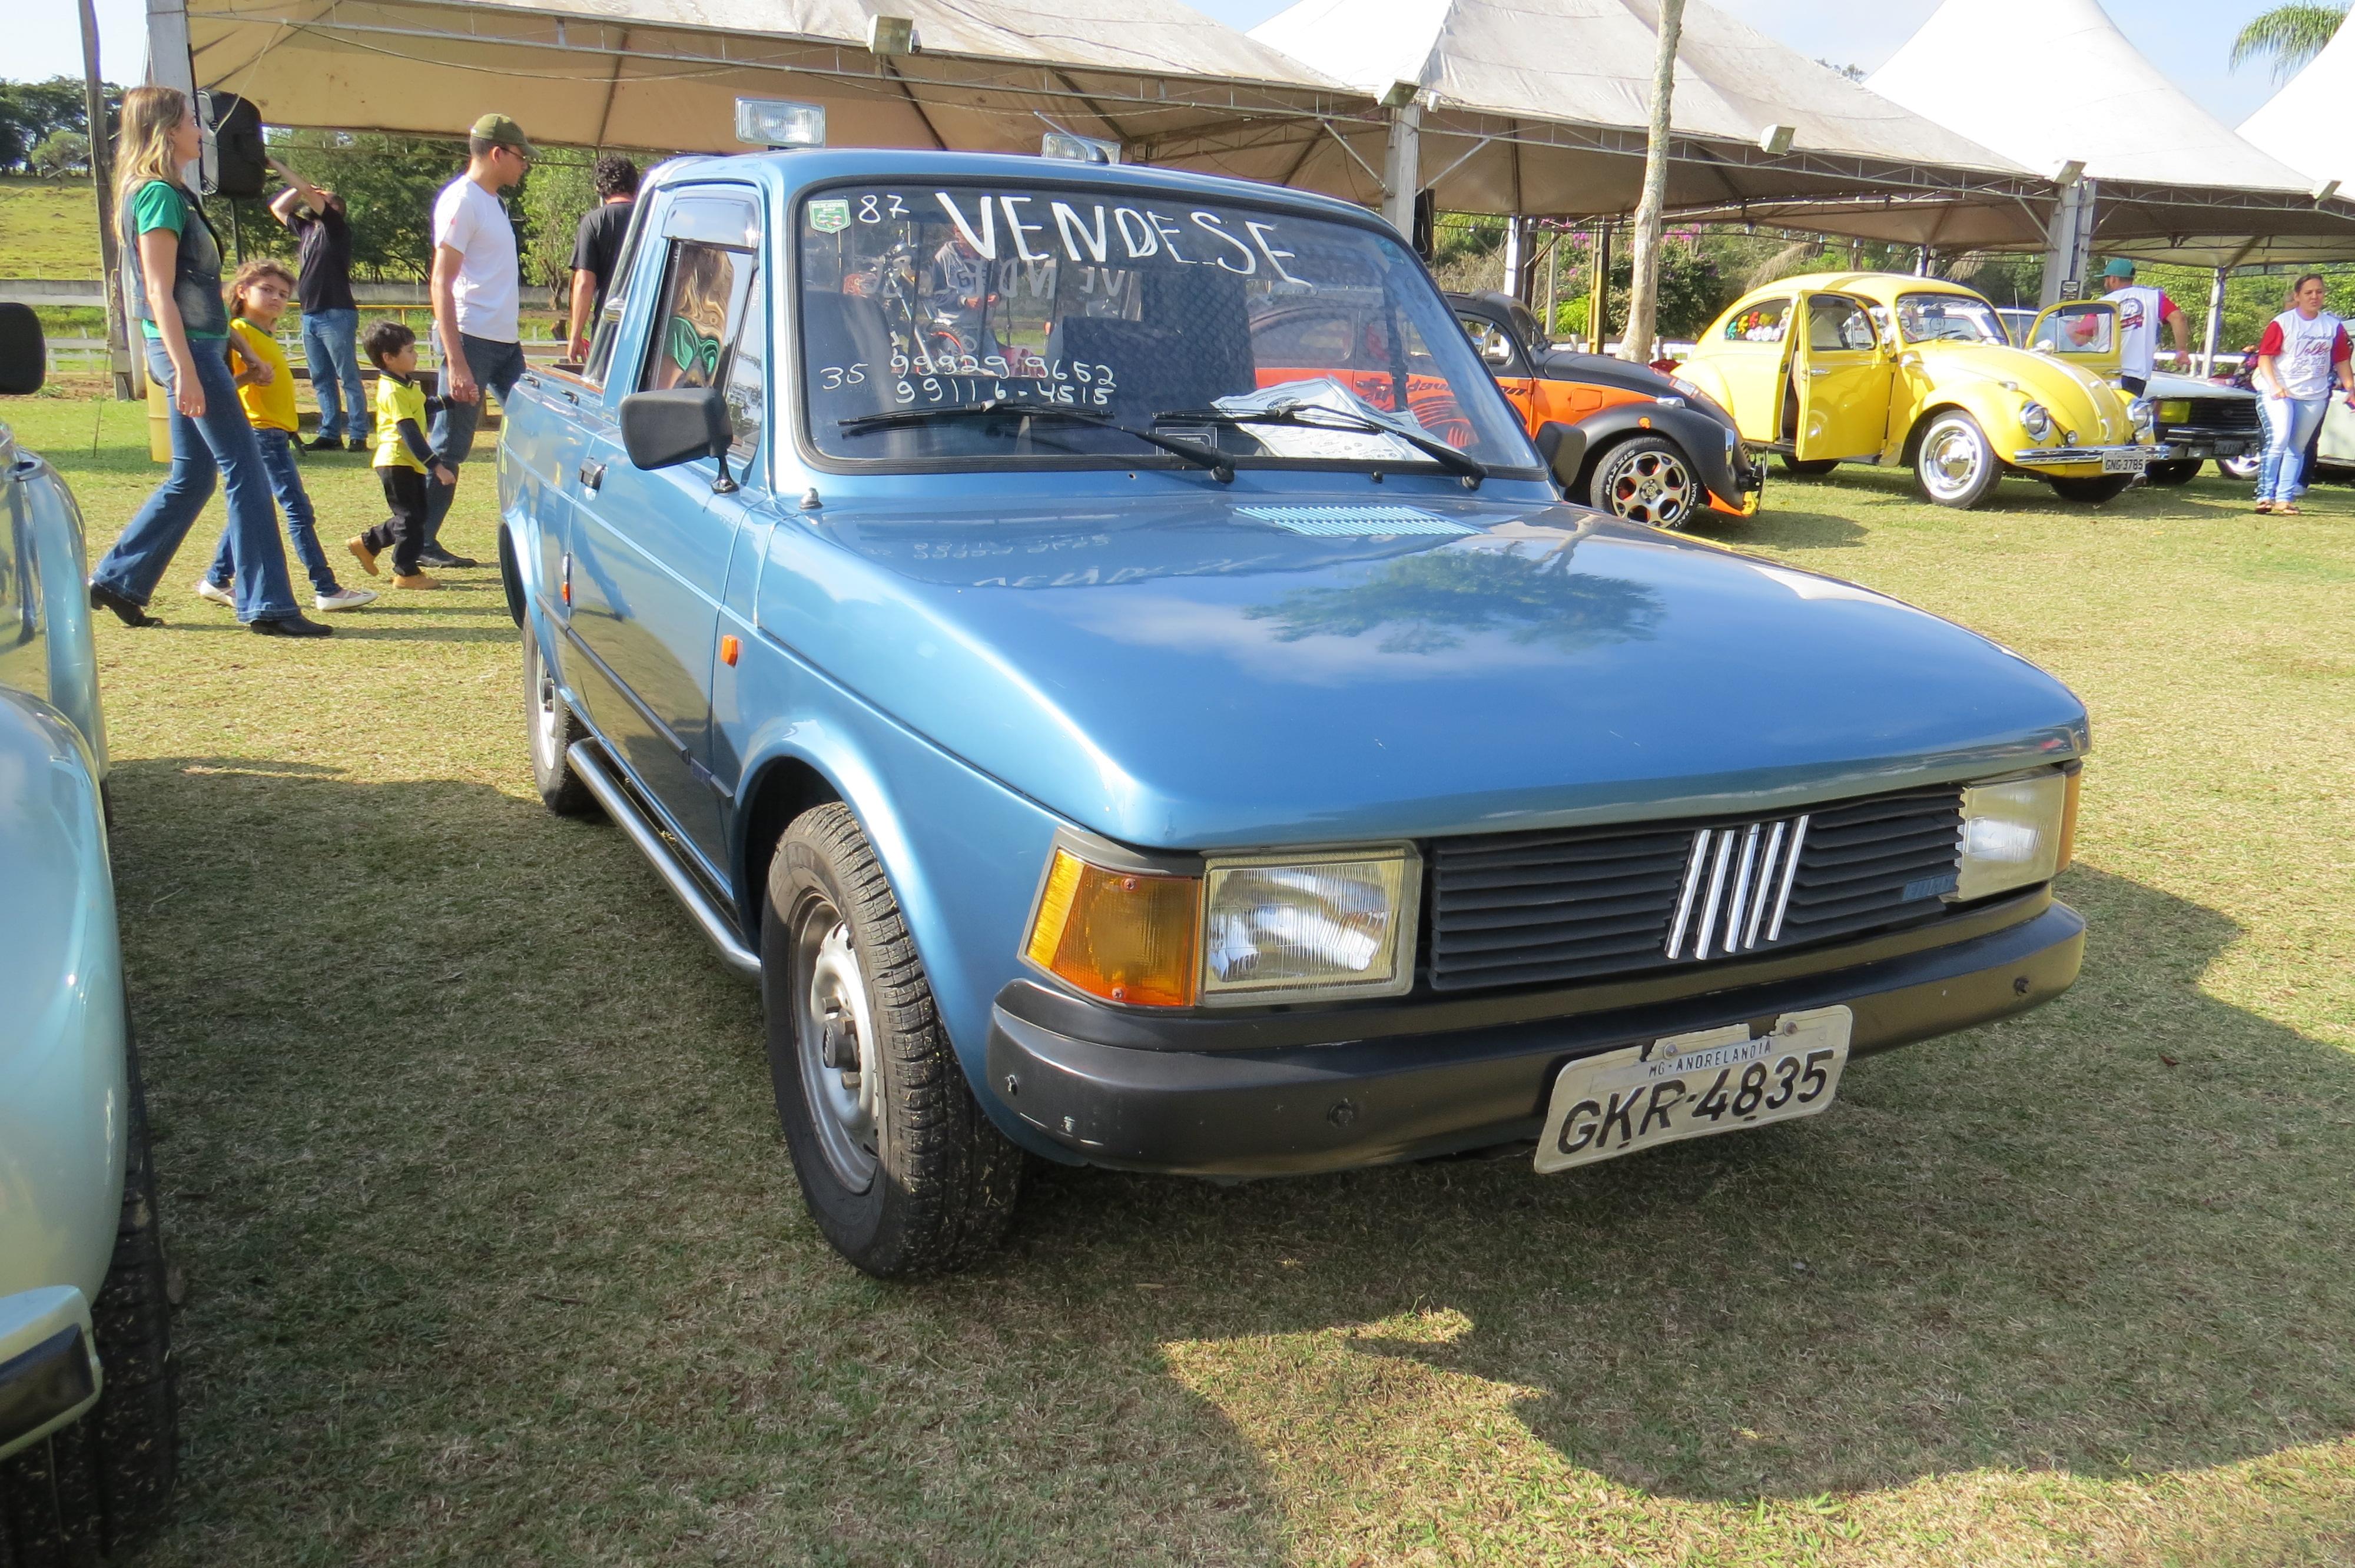 IMG 4868 - 3º Grande Encontro dos Carros Antigos do Sul de Minas